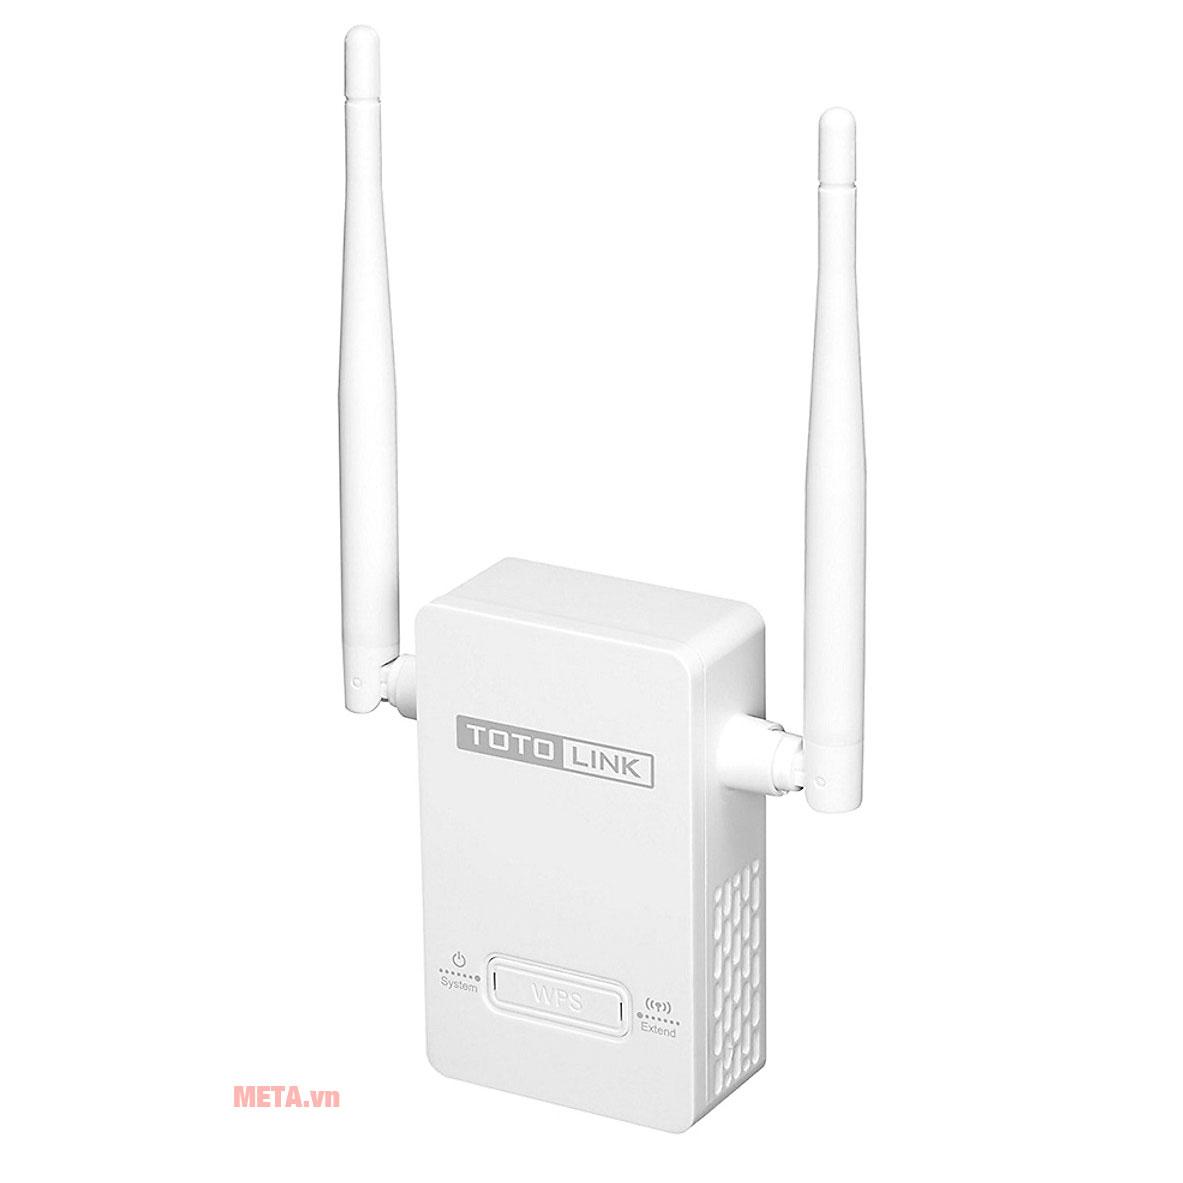 Bộ kích sóng wifi Totolink EX200 tốc độ nhanh, phủ sóng rộng